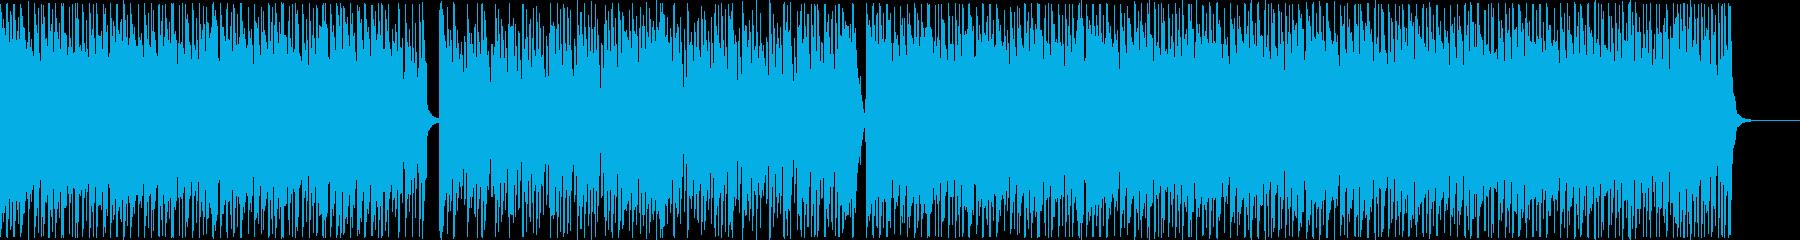 ハードヒットのスポーツリールに最適...の再生済みの波形